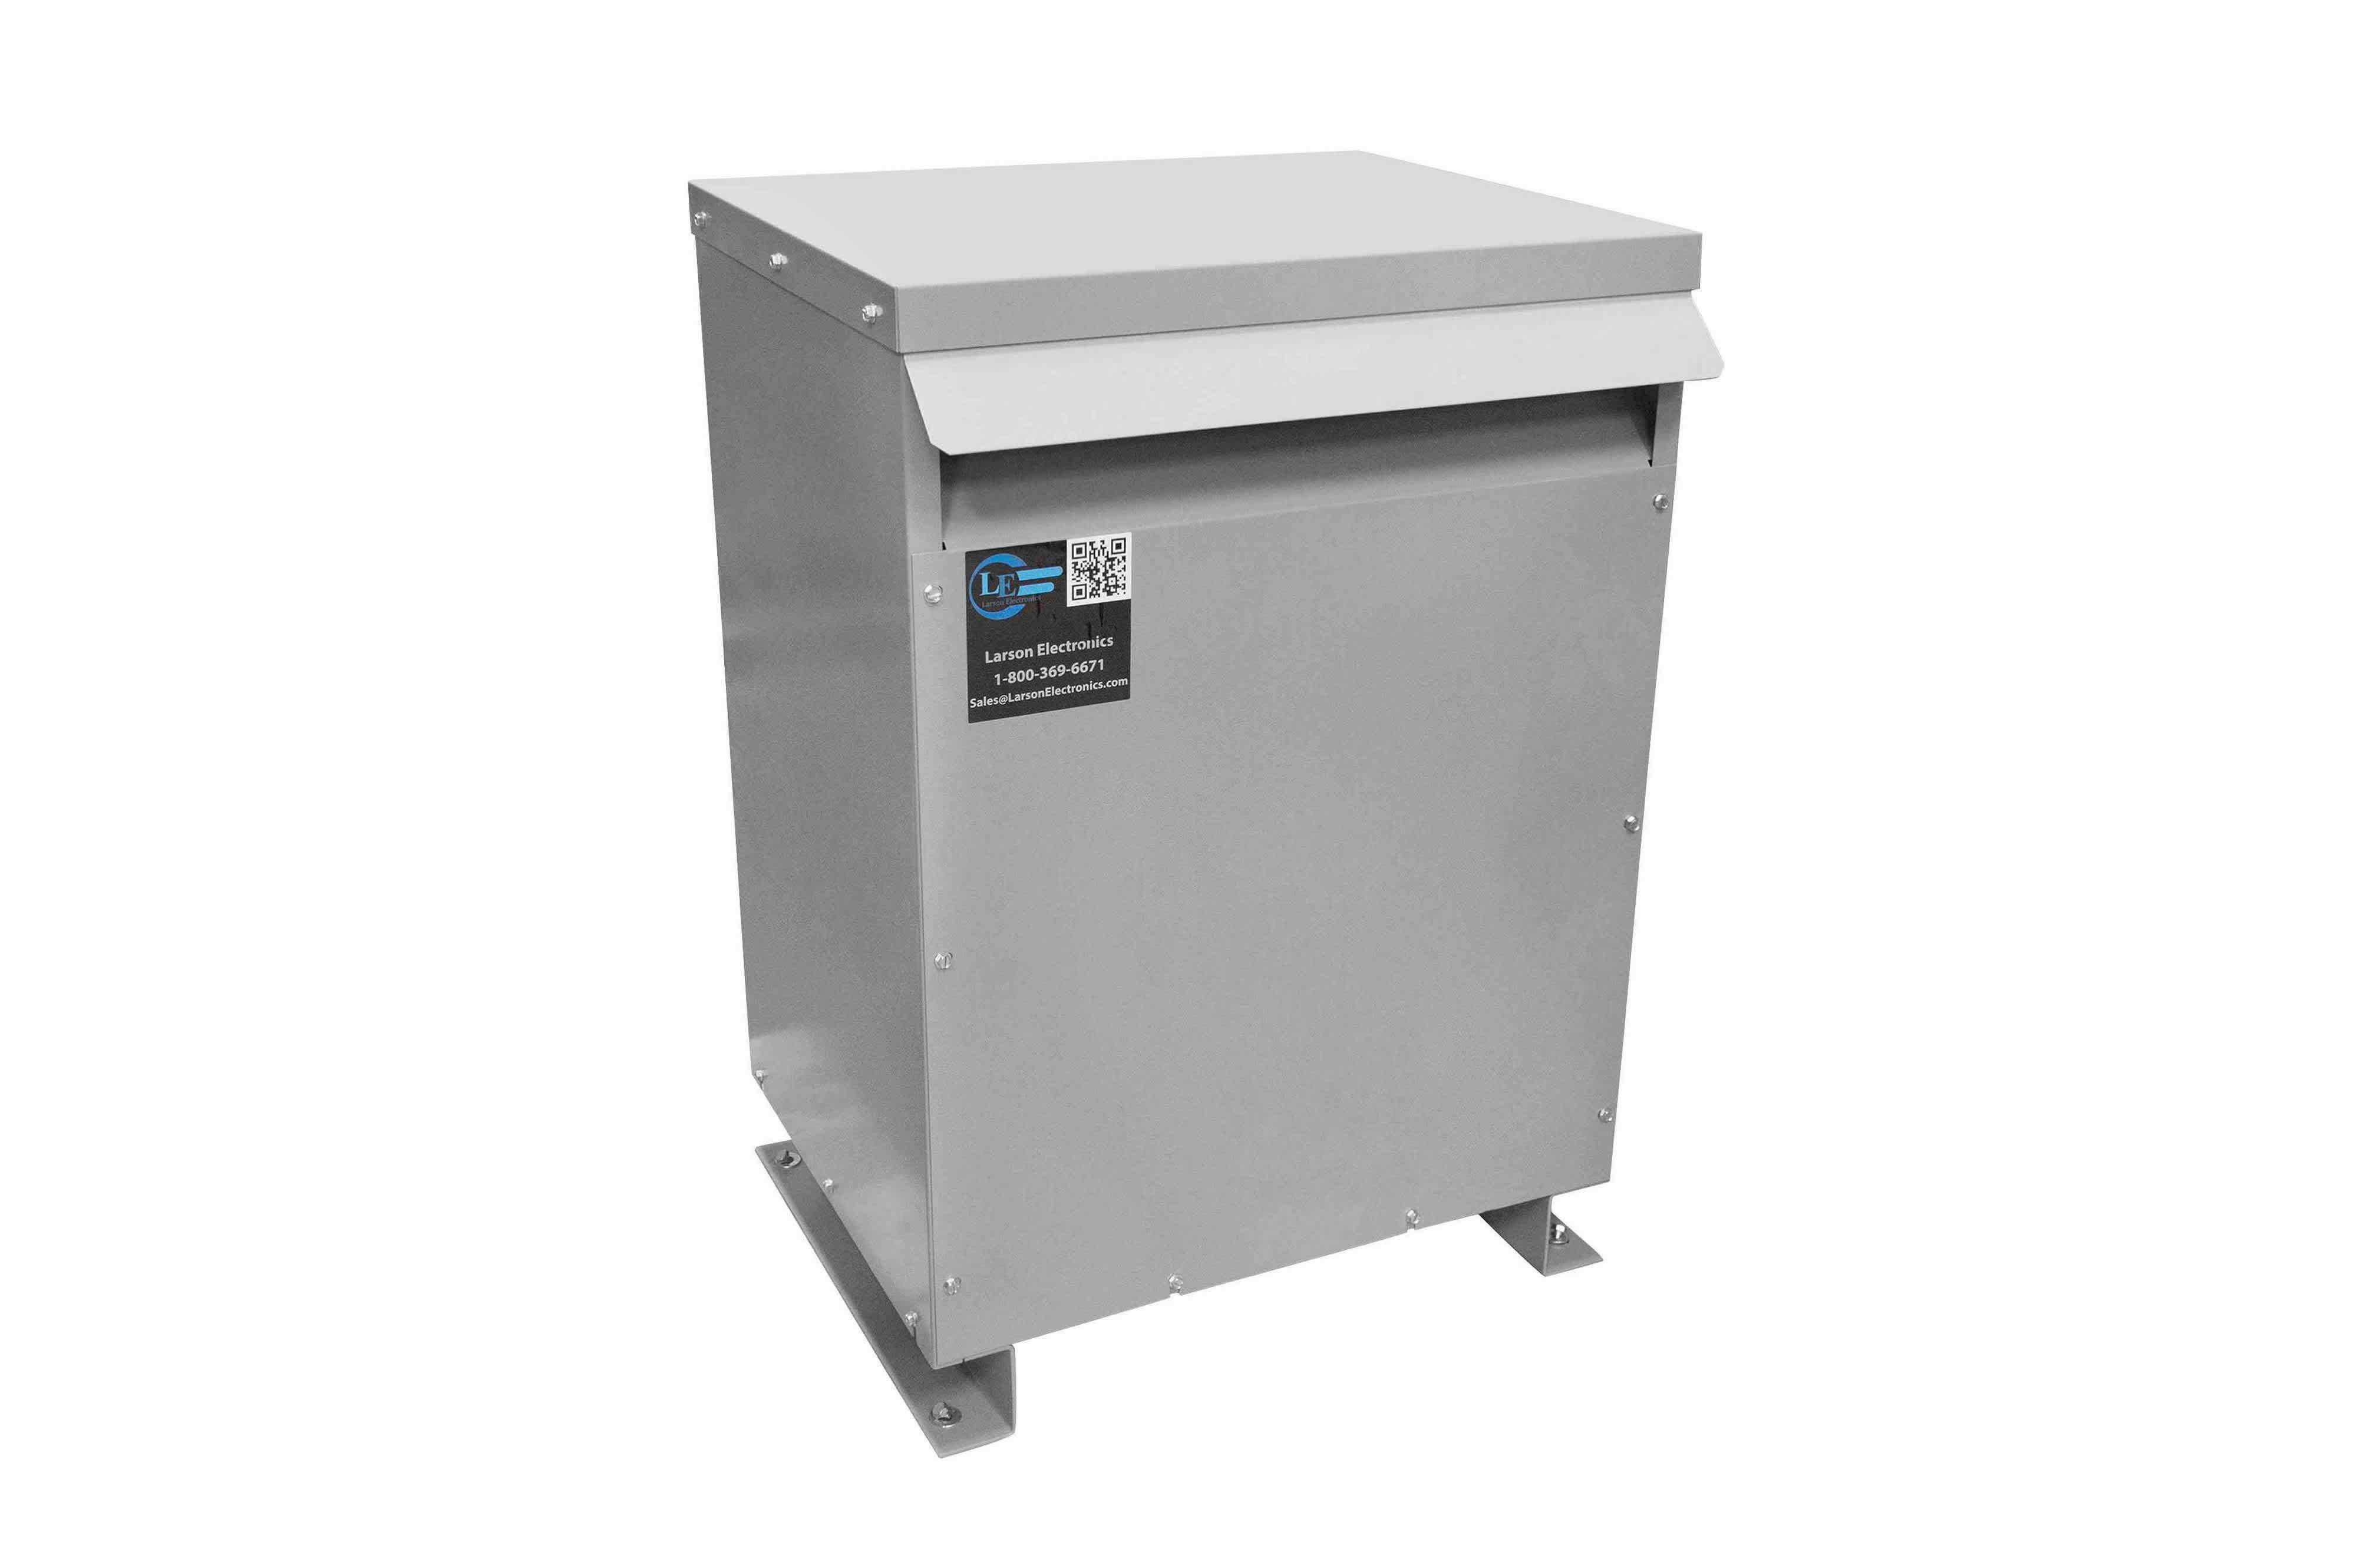 32.5 kVA 3PH Isolation Transformer, 230V Delta Primary, 208V Delta Secondary, N3R, Ventilated, 60 Hz